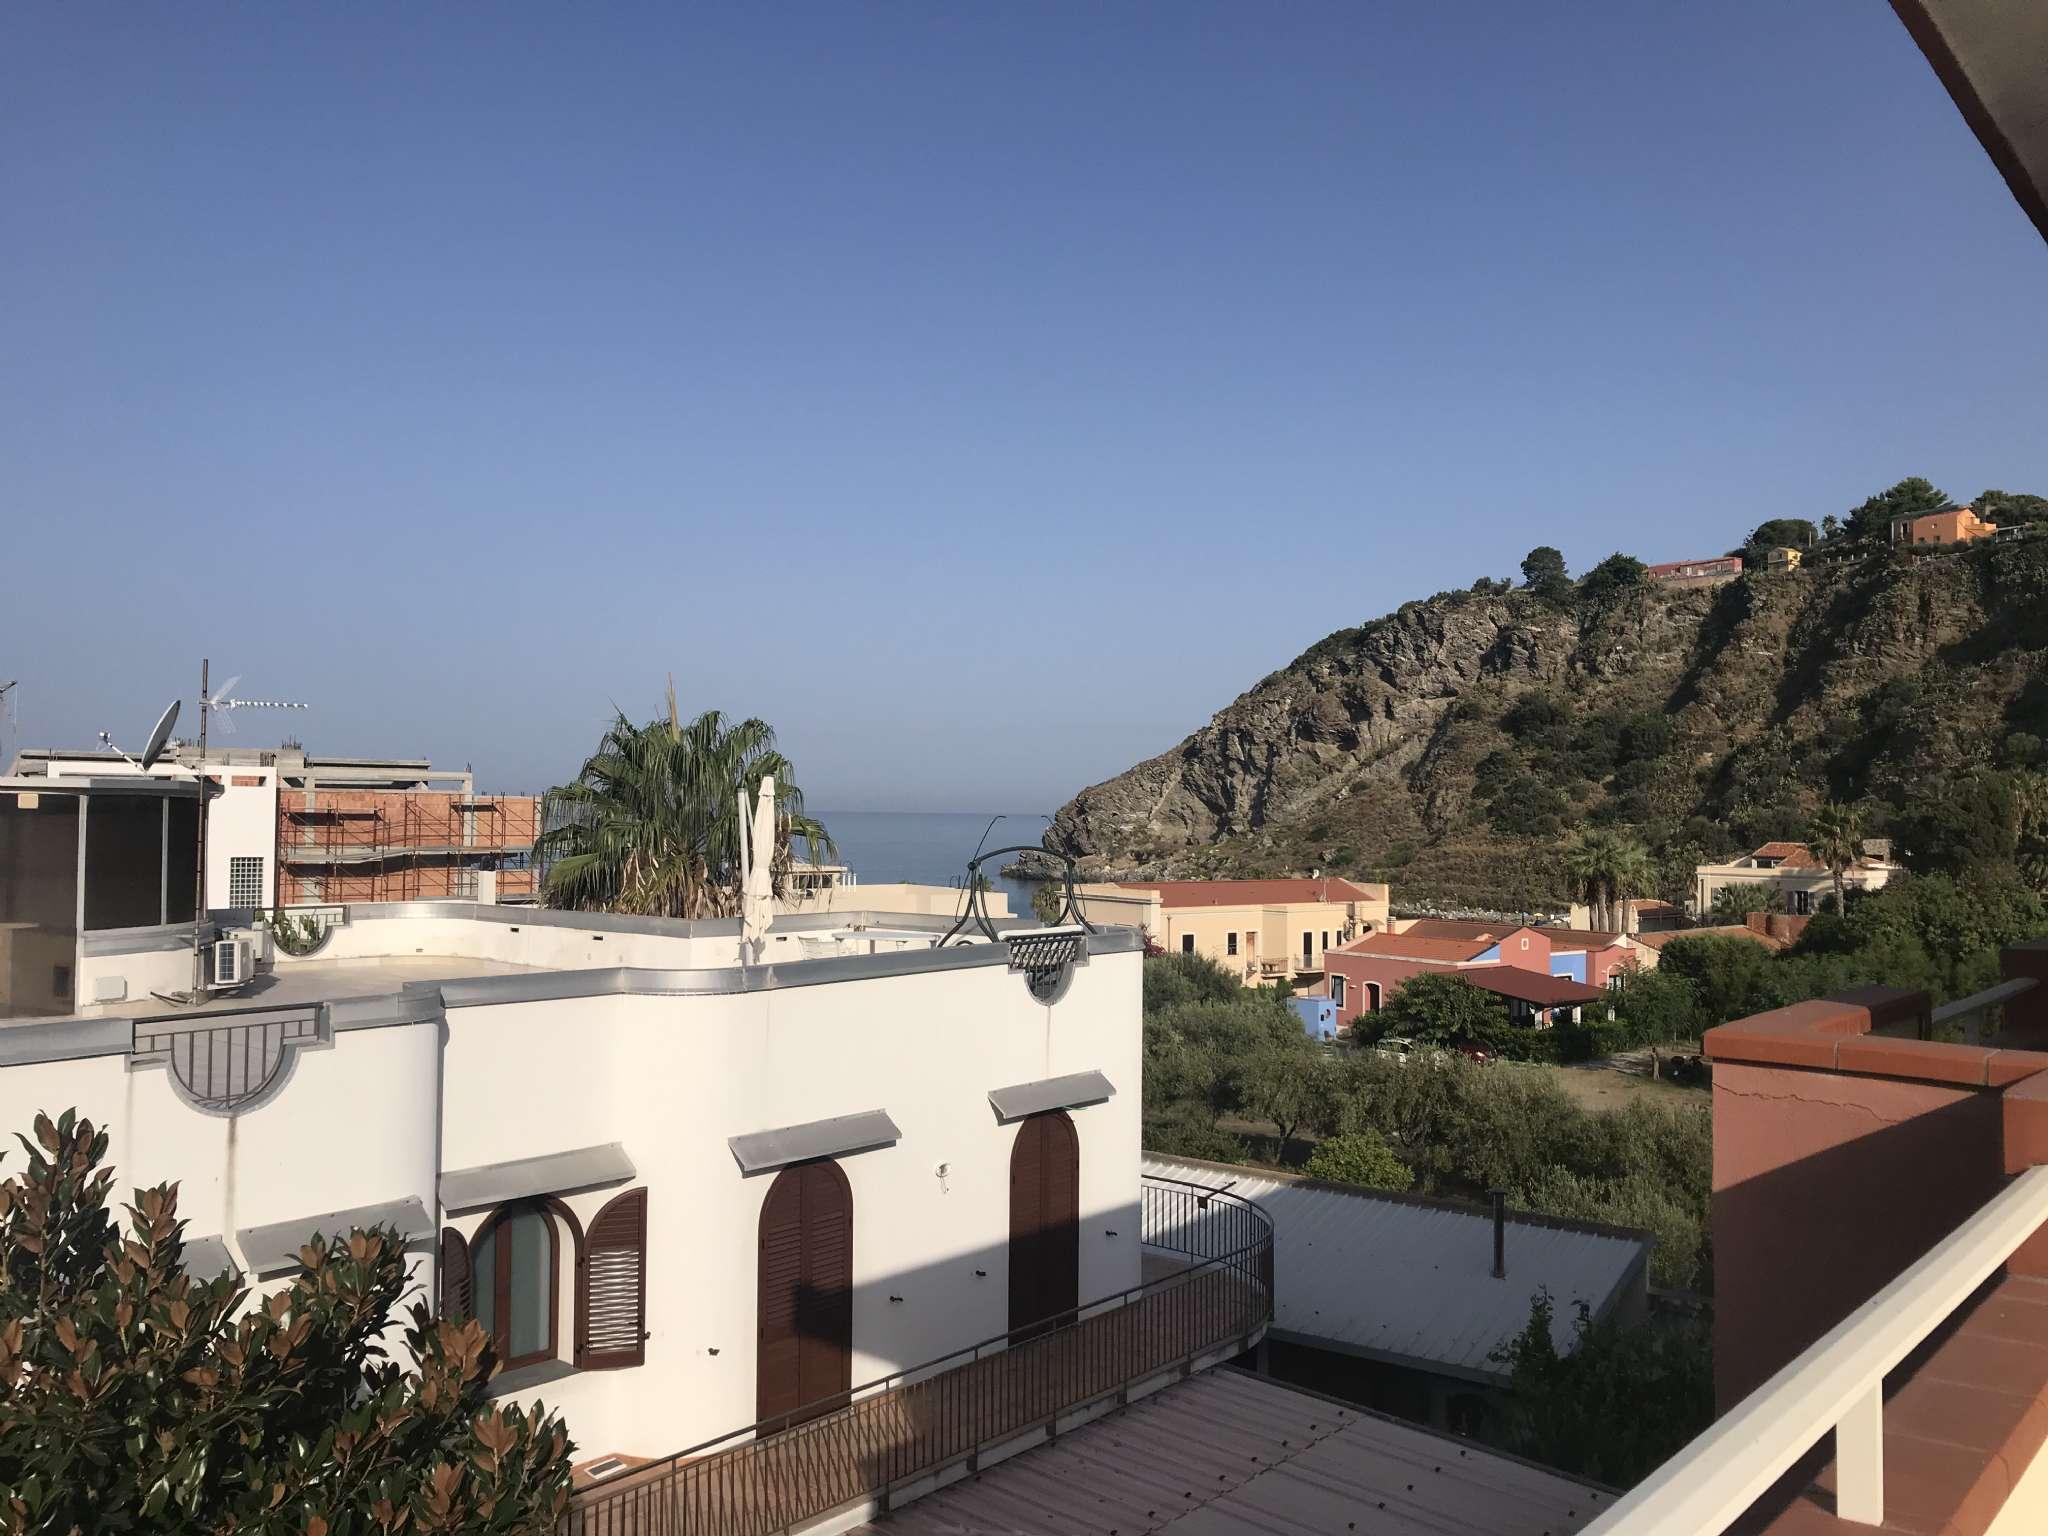 Appartamento in vendita a Milazzo, 2 locali, prezzo € 150.000 | PortaleAgenzieImmobiliari.it